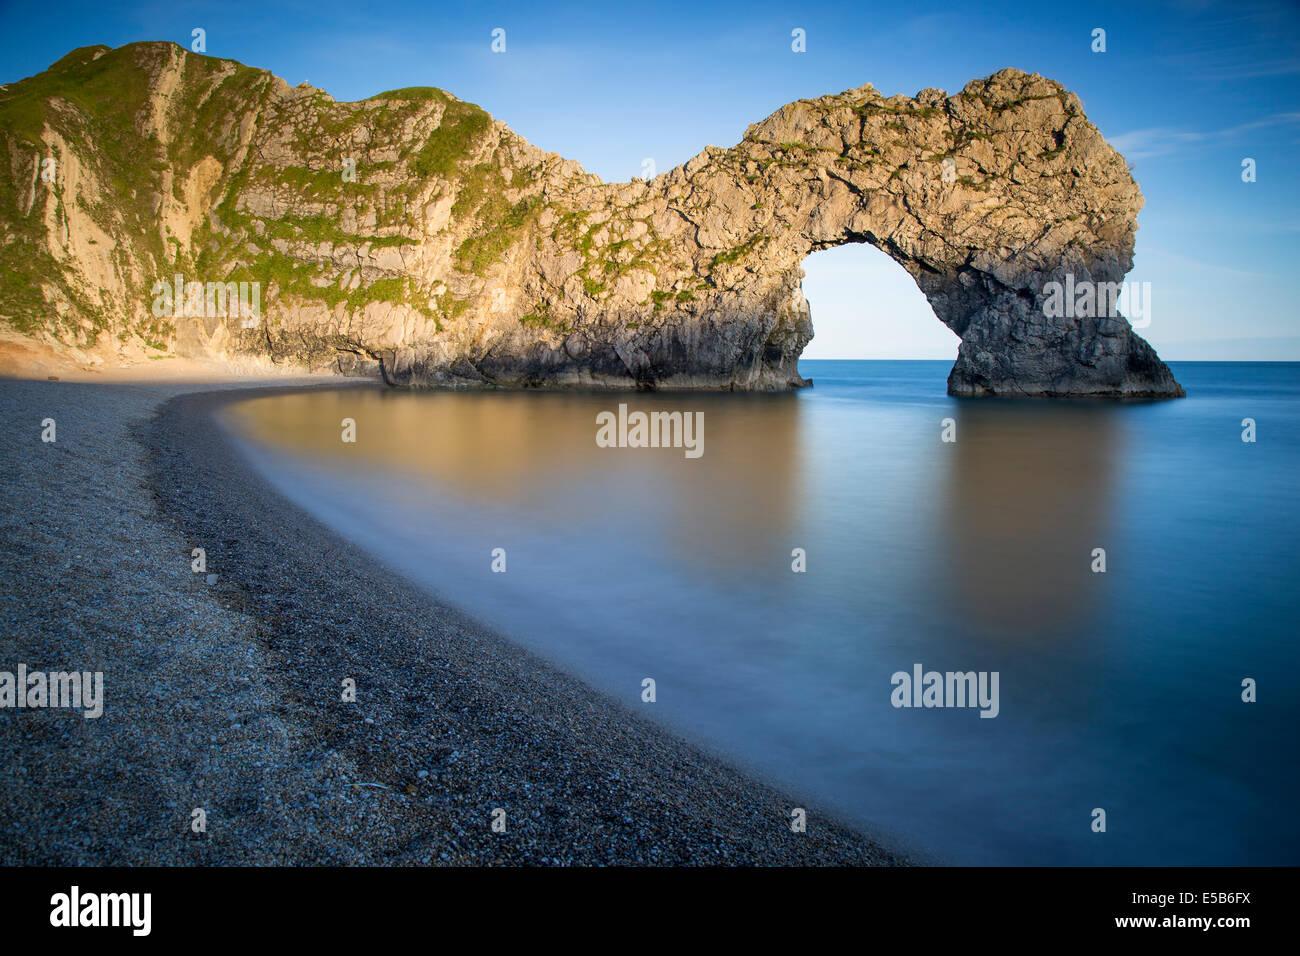 Por la noche, en la puerta de Durdle a lo largo de la Costa Jurásica, en Dorset, Inglaterra Imagen De Stock